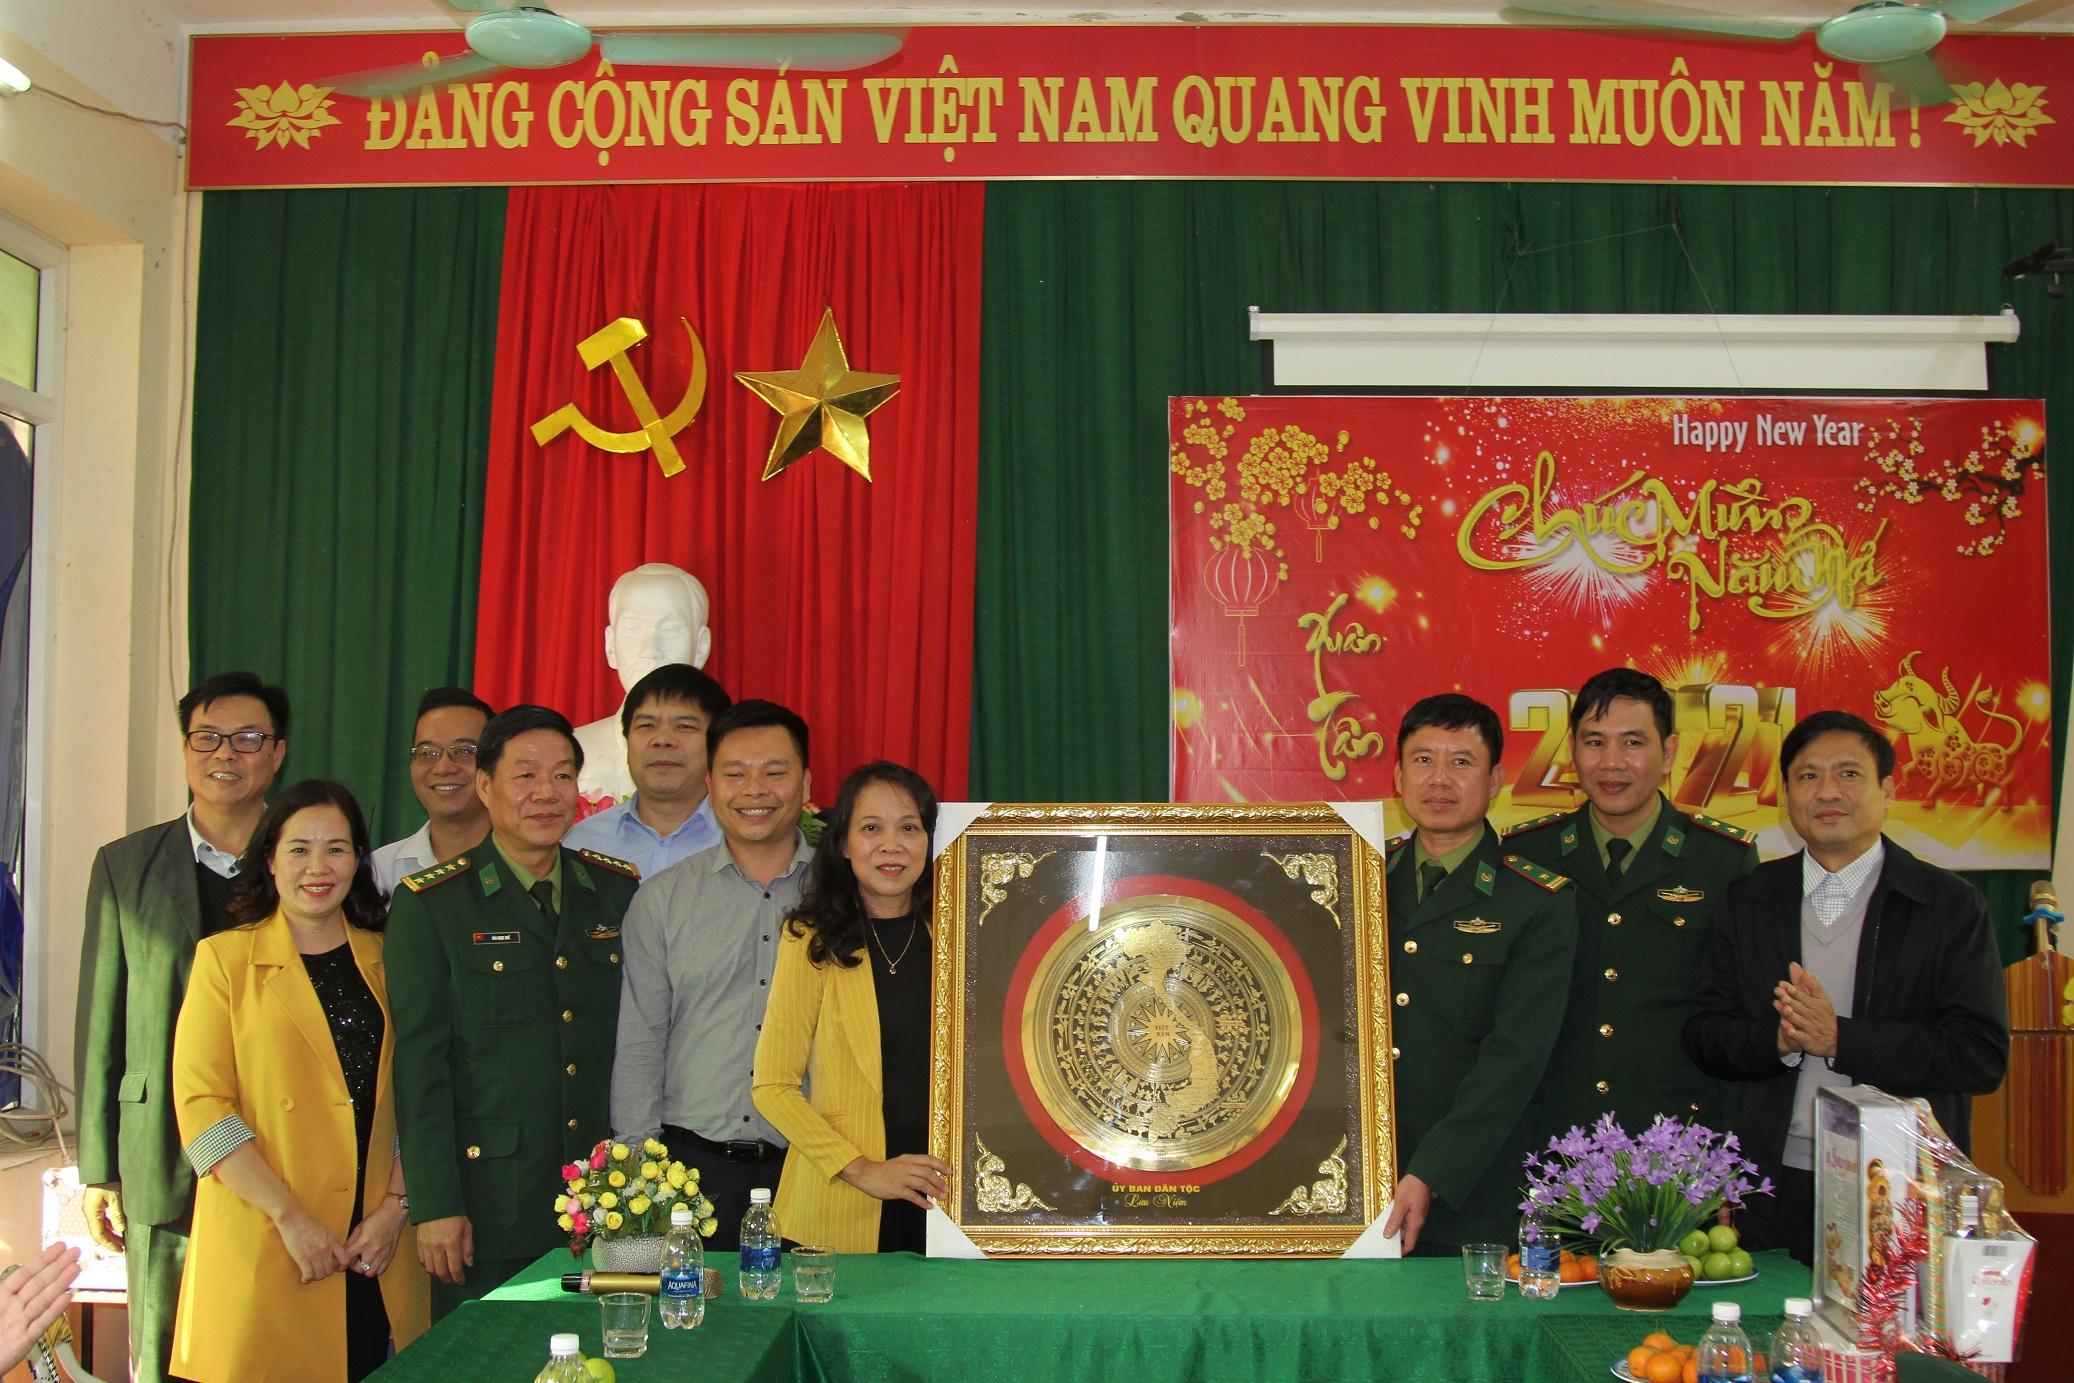 Thứ trưởng, Phó Chủ nhiệm Hoàng Thị Hạnh và đại diện Cục Chính trị BĐBP tặng quà Đồn Biên phòng Pù Nhi